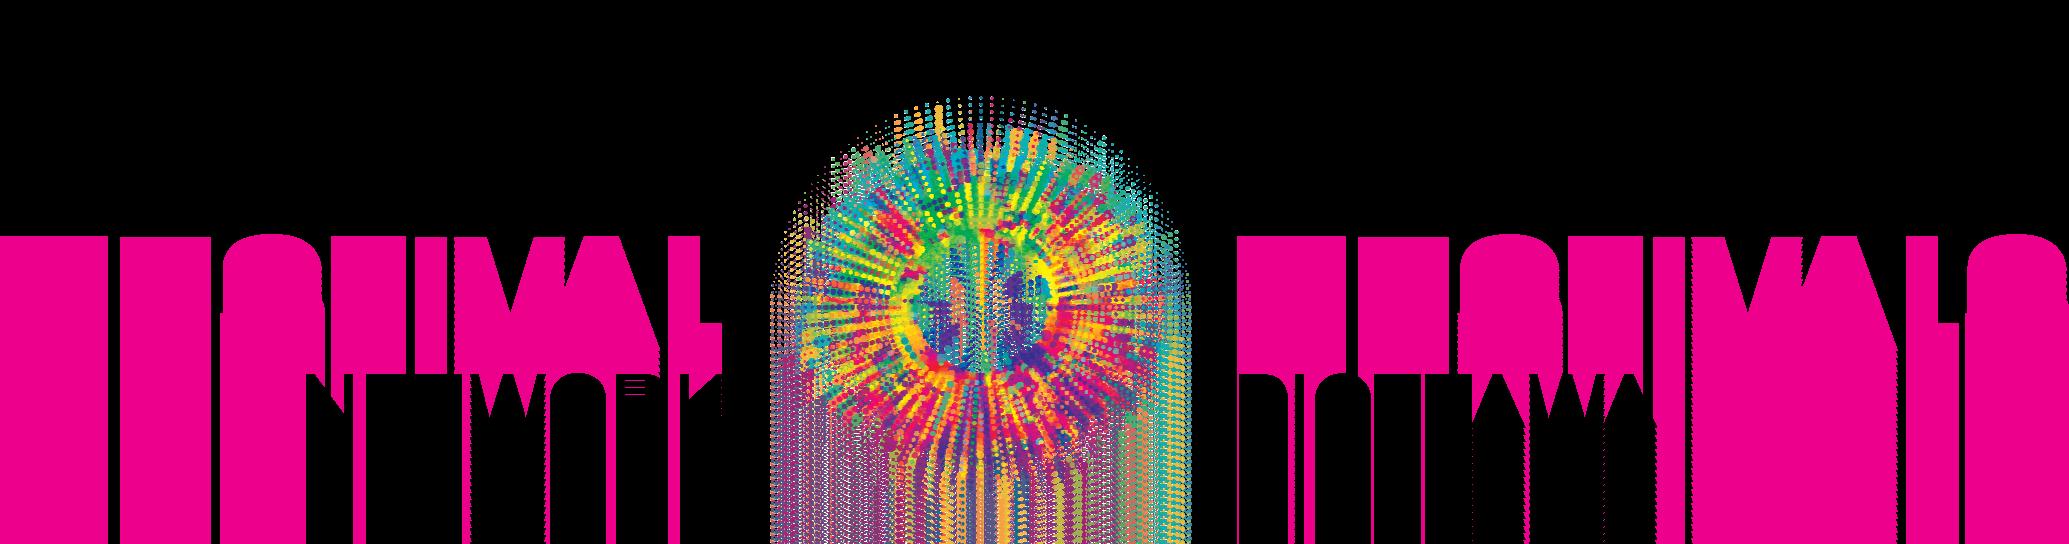 Ottawa Festival Network